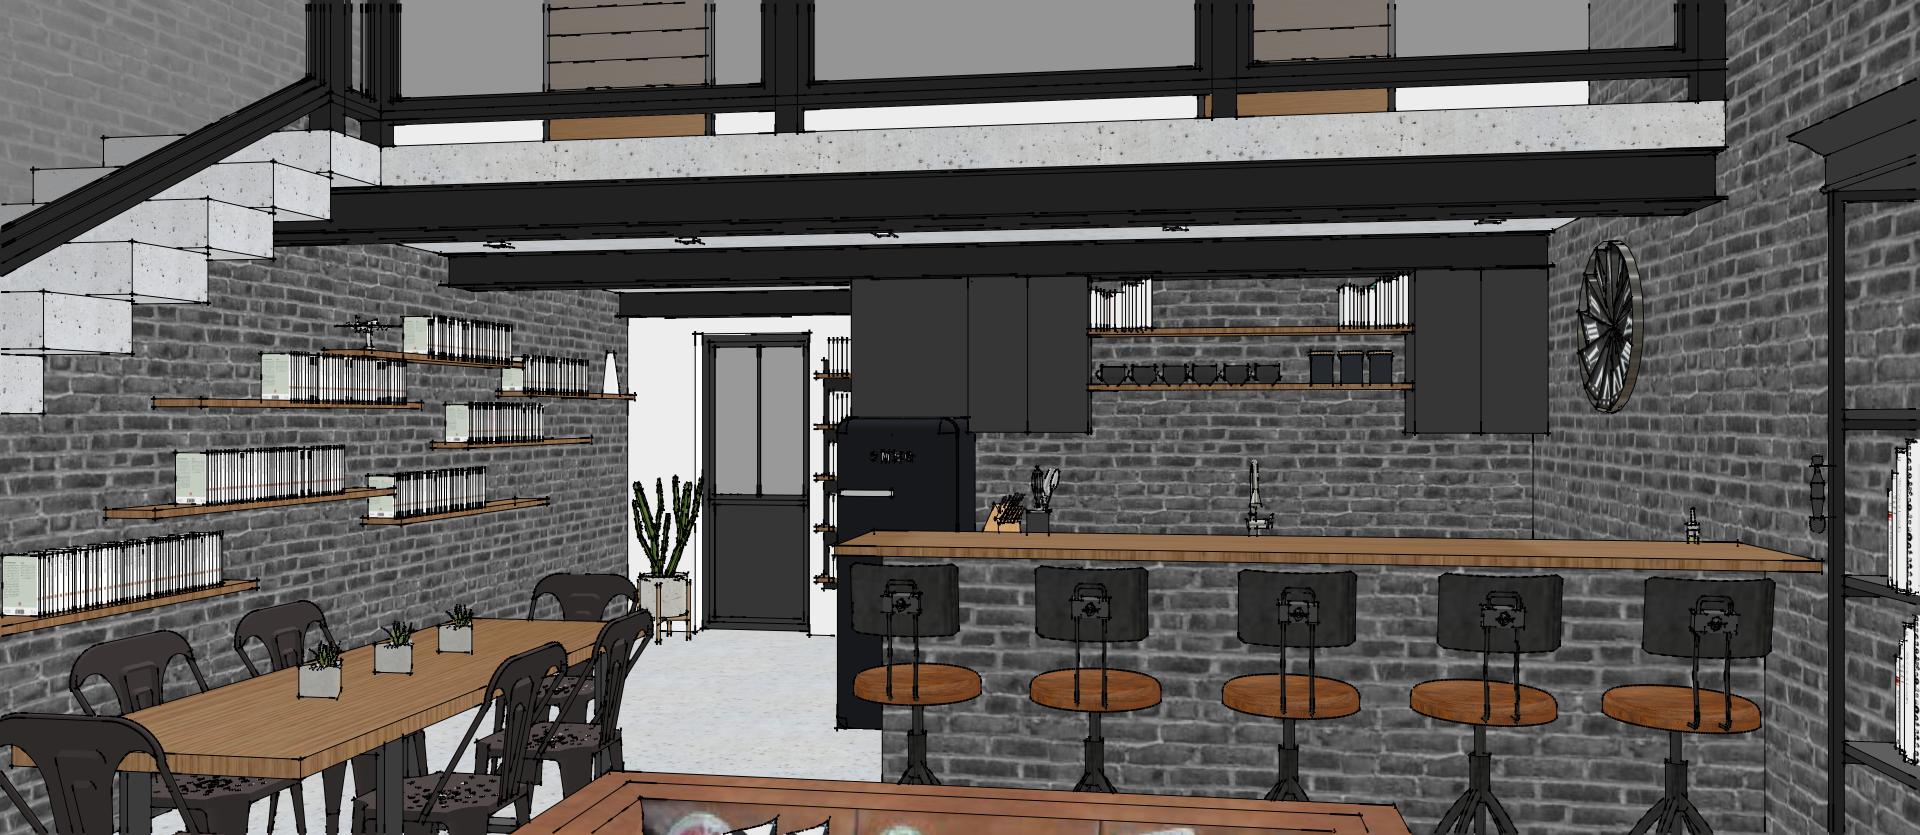 Conception 3D d\'un rez de chaussée esprit loft industriel. Une ...